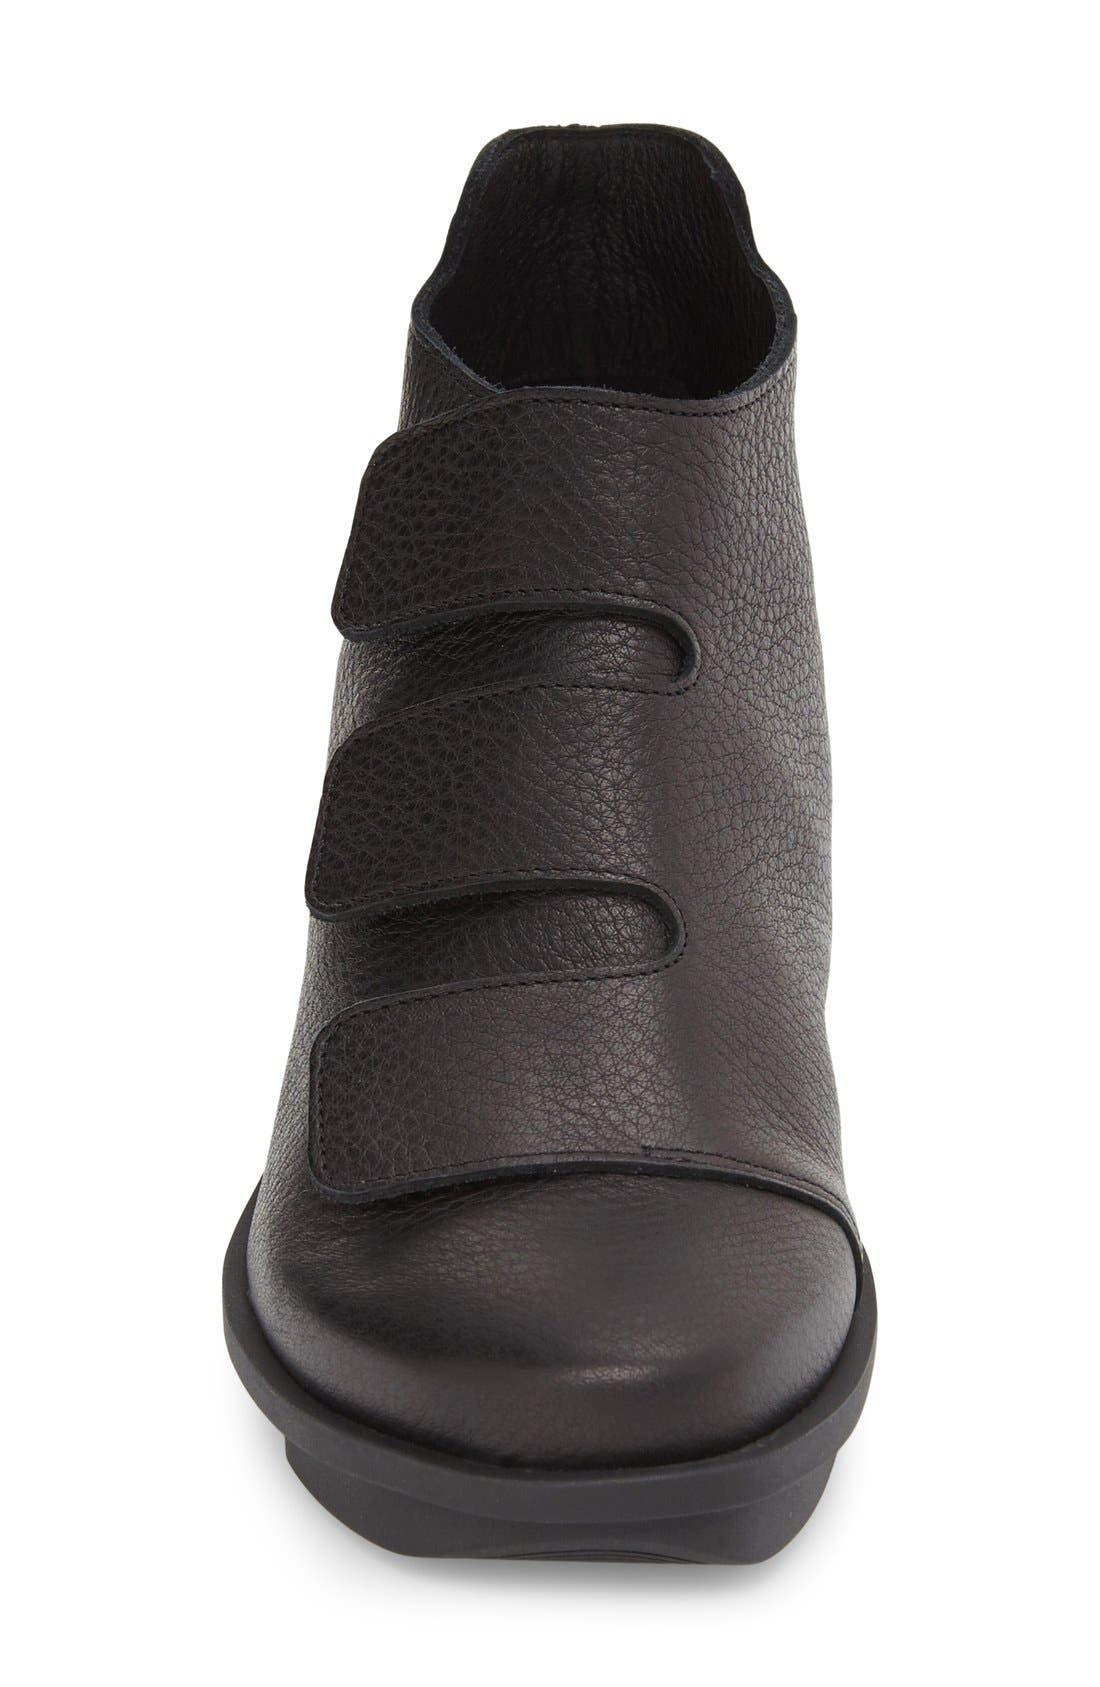 'Skapa' Sneaker,                             Alternate thumbnail 3, color,                             Noir Leather